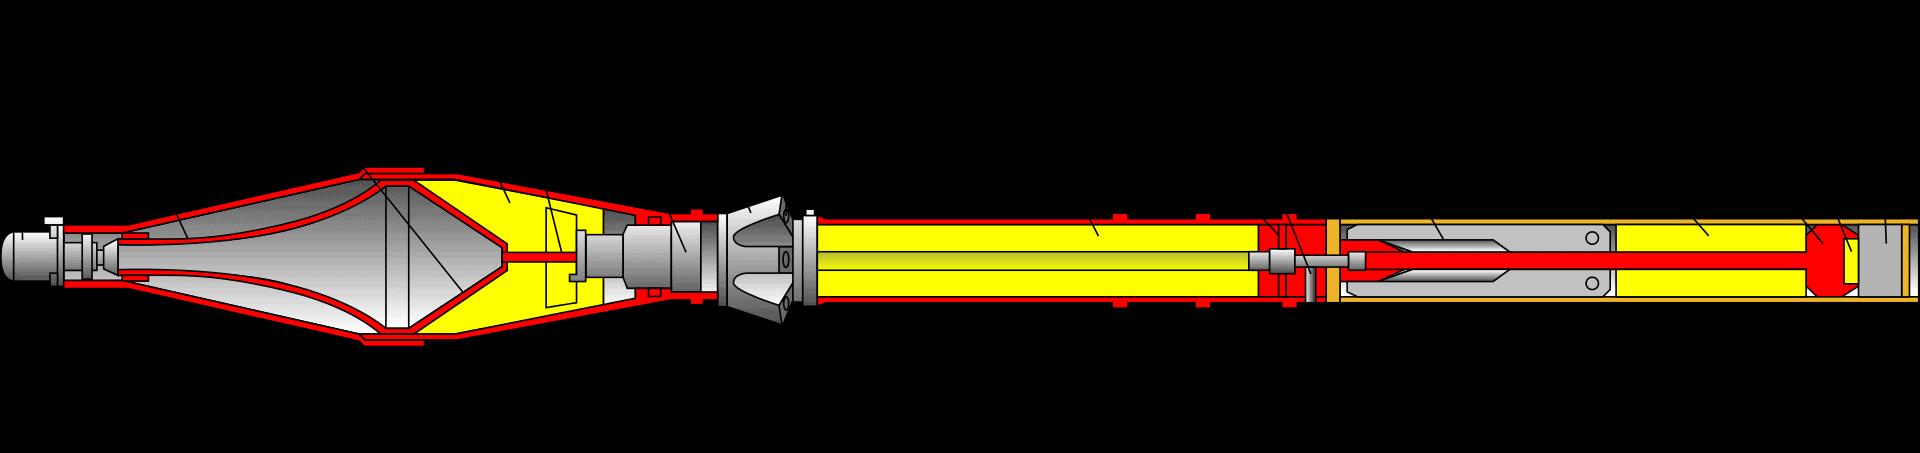 Реактивна граната ПГ-7В у розрізі